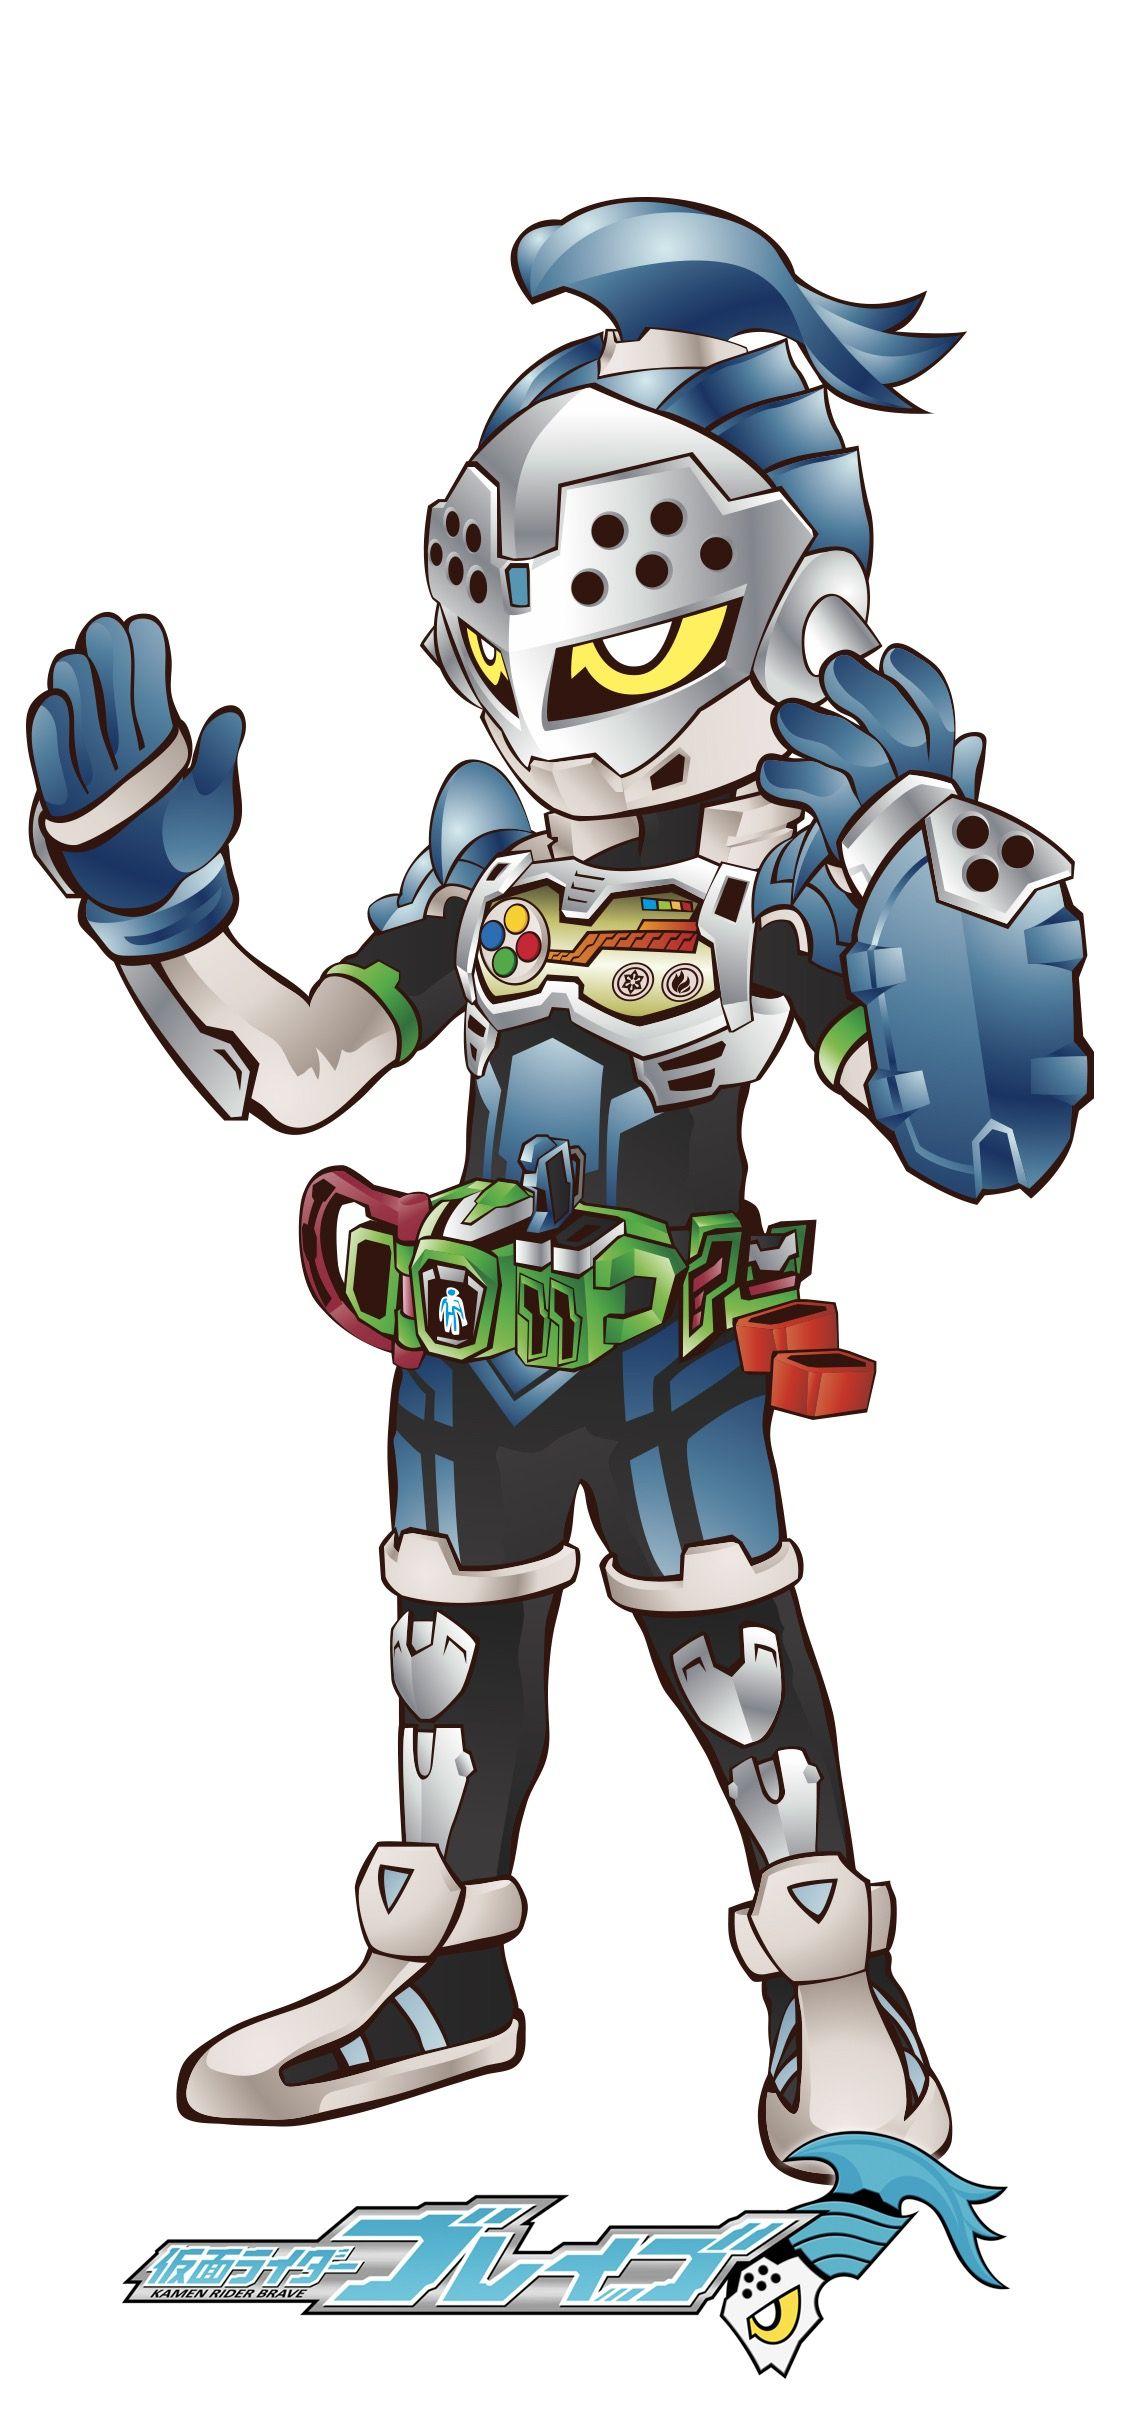 Kamen Rider Brave Kamen Rider Rider Kamen Rider Ex Aid